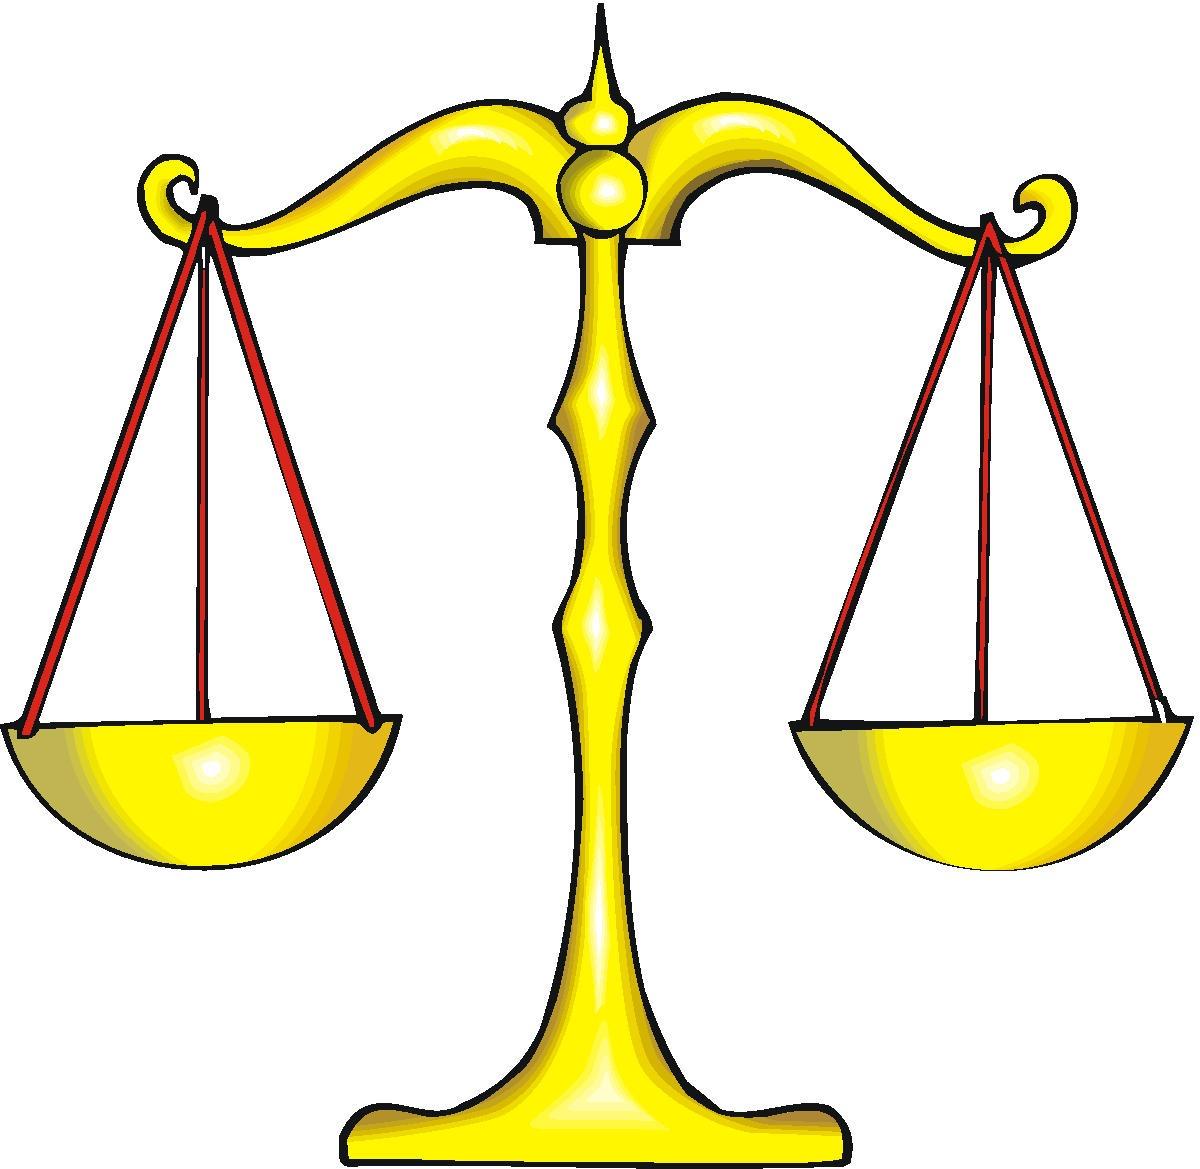 hight resolution of balance